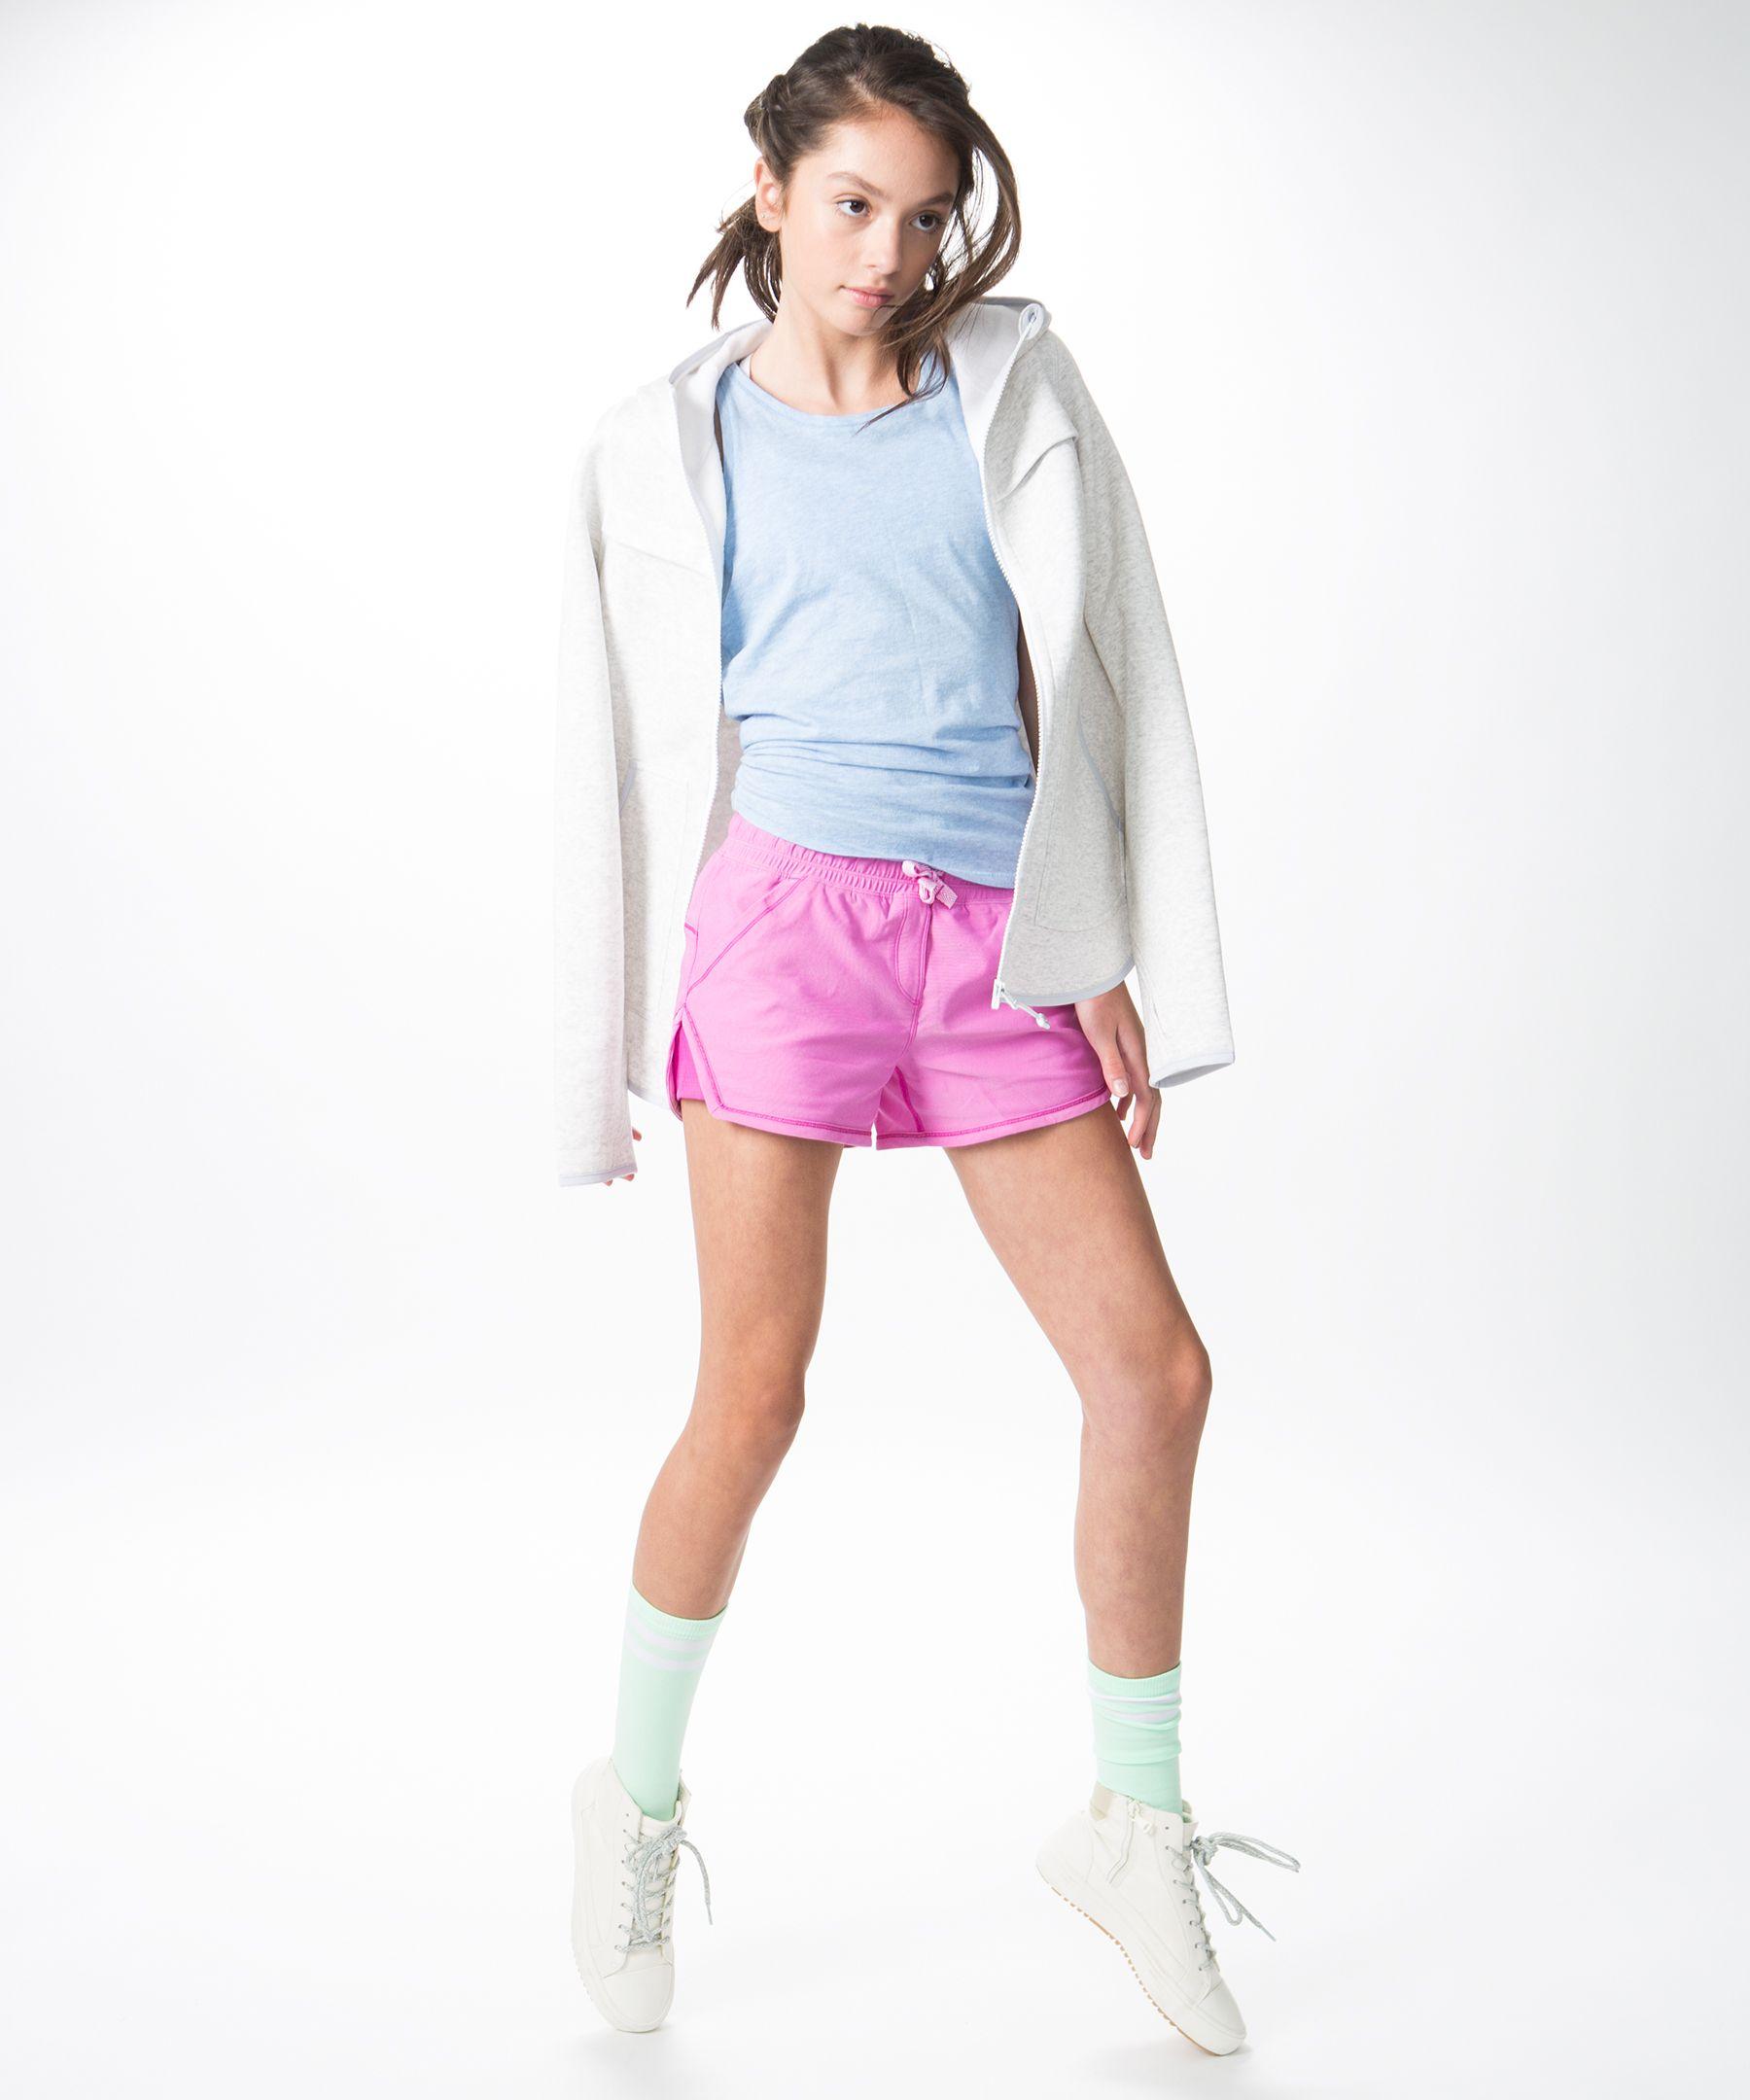 Camp Runner Short   Girls New by Lululemon